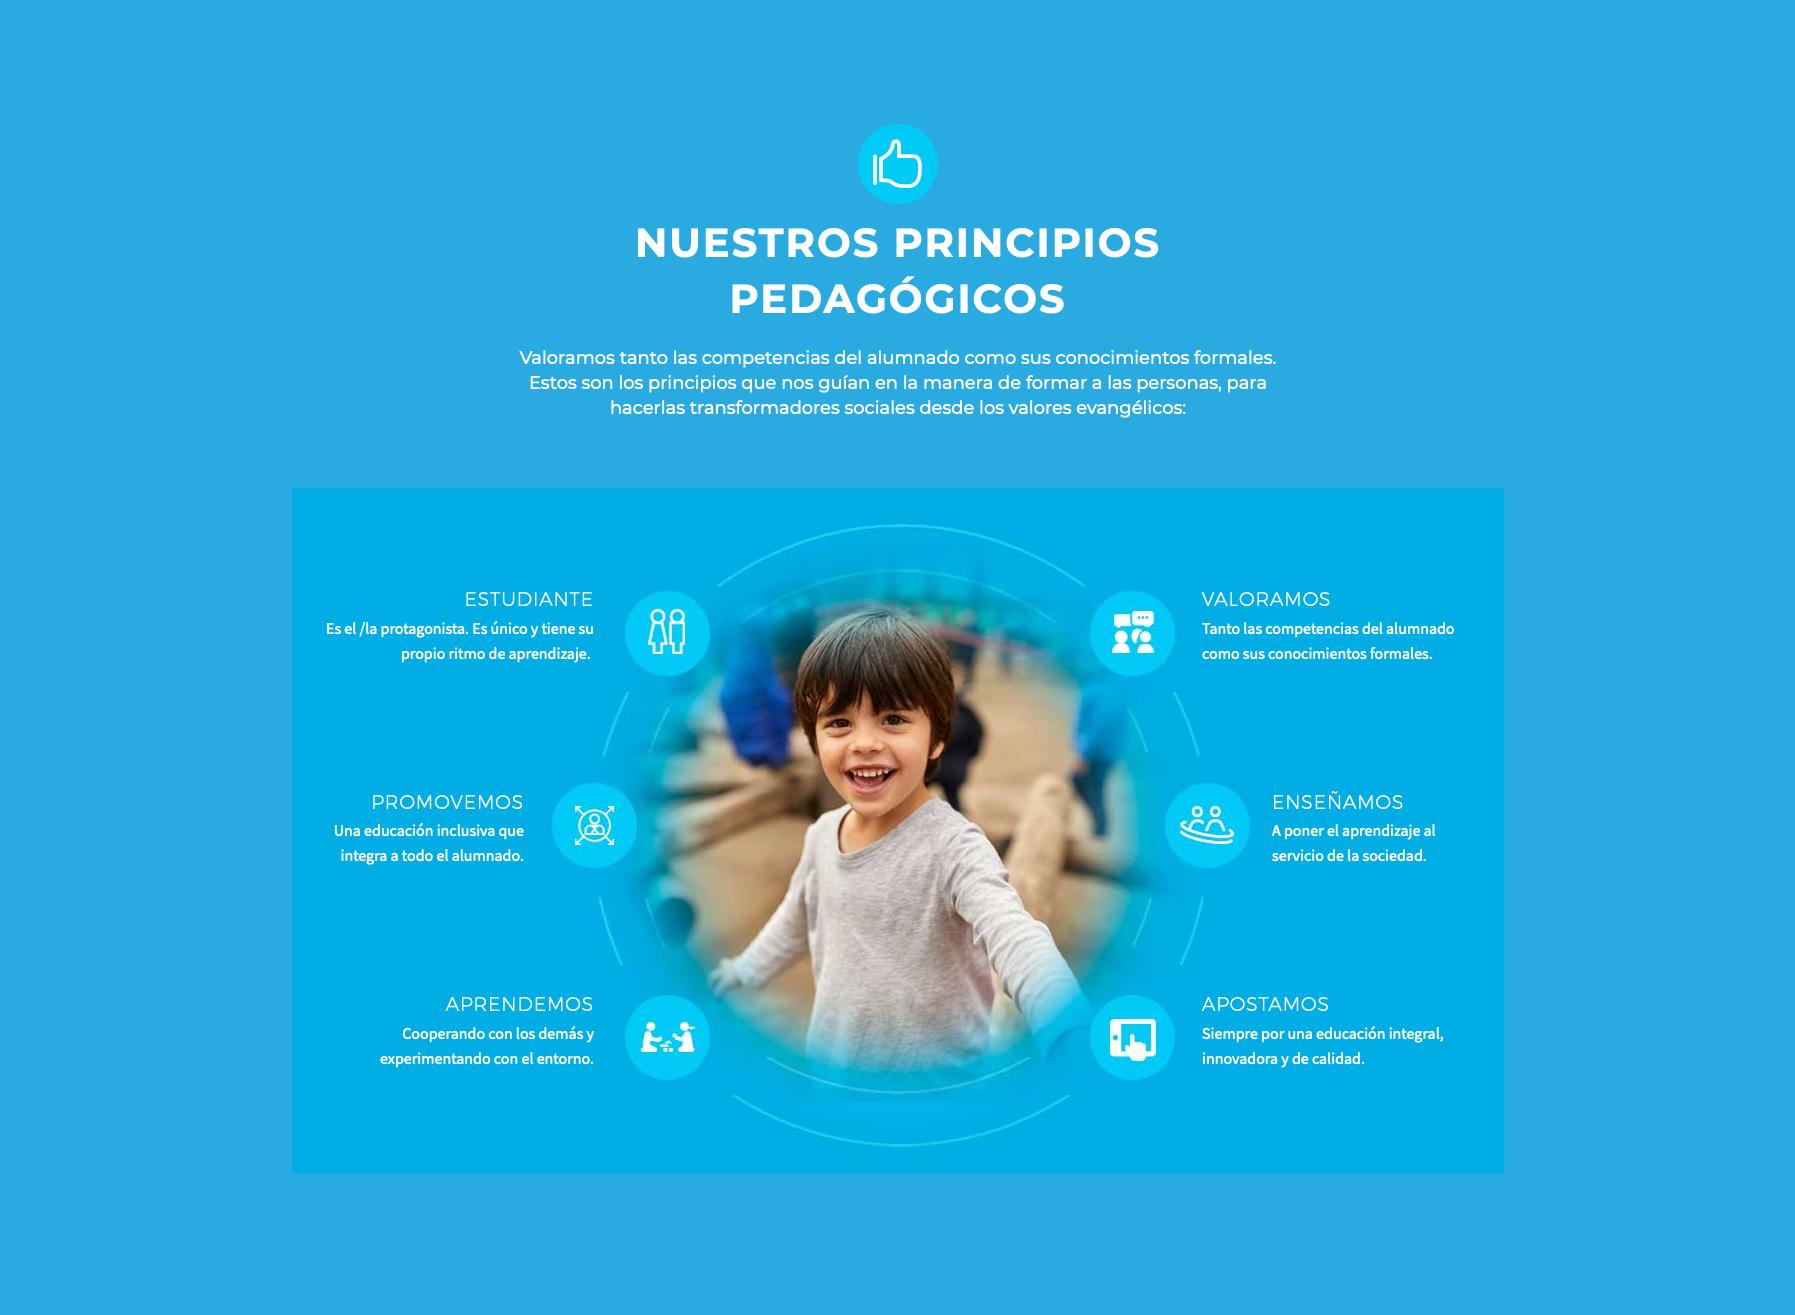 conceptualizacion de valores en la pagina web de un colegio